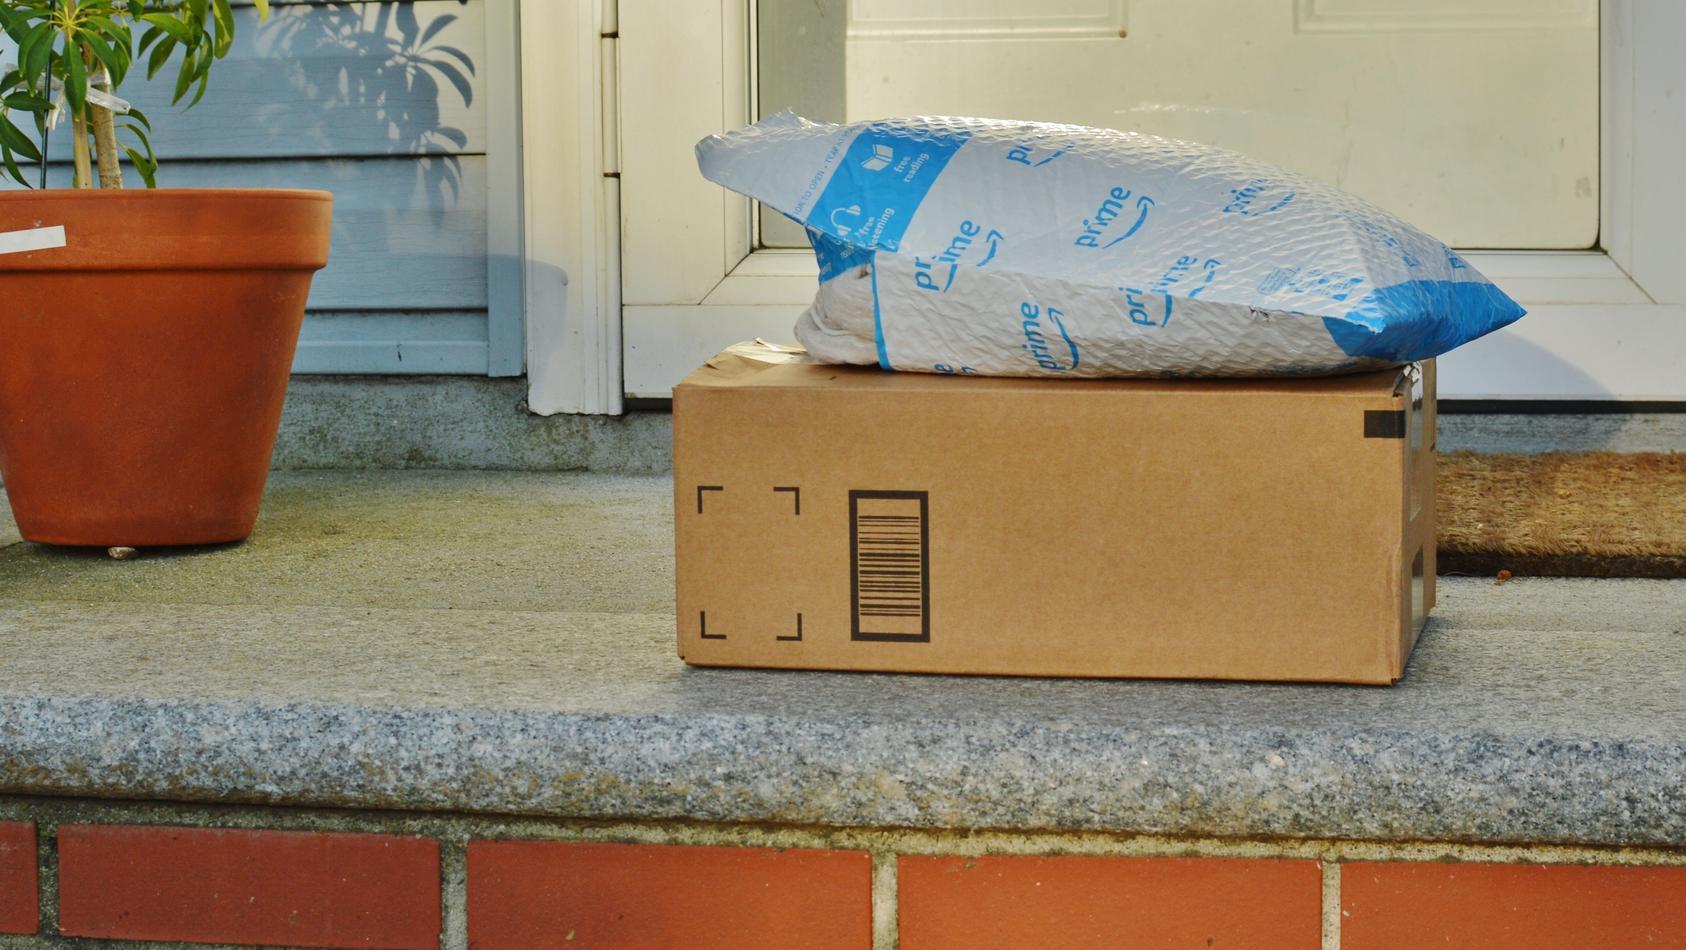 Wer einem Ablageort zugestimmt hat, kann sein Paket in Zeiten von Corona kontaktlos annehmen.